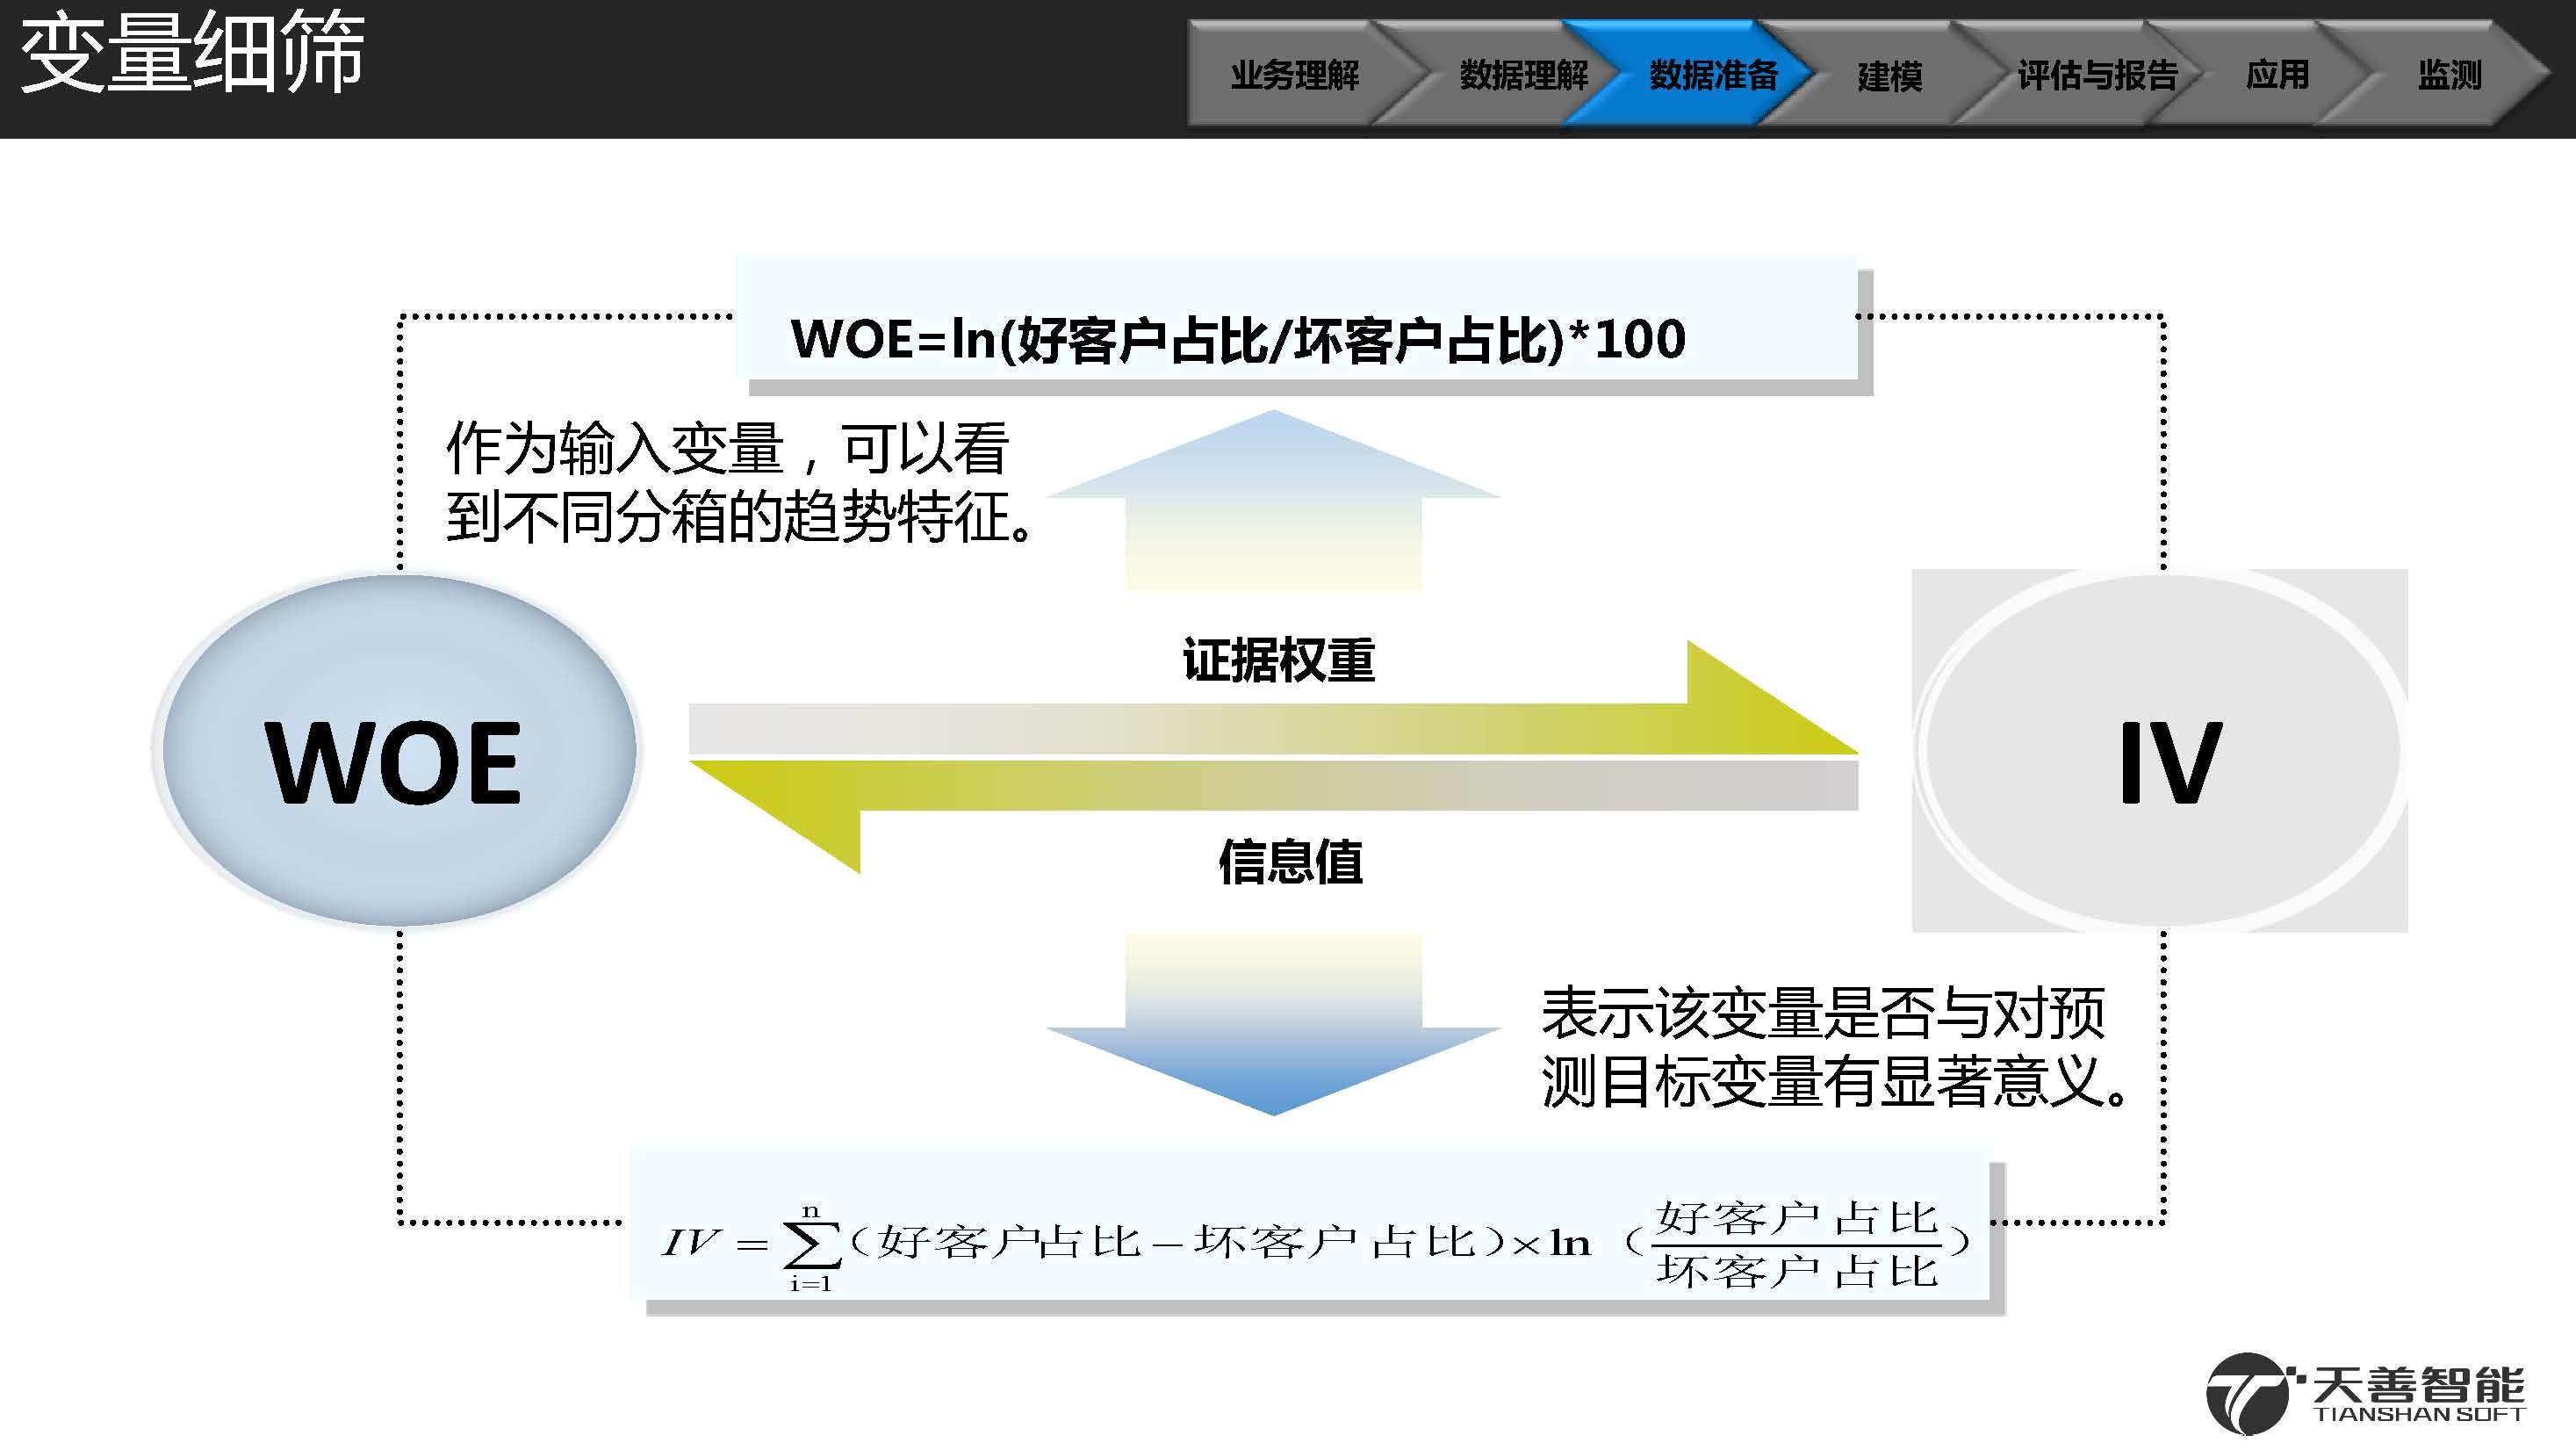 2汽车金融信用违约预测模型案例_页面_31.jpg